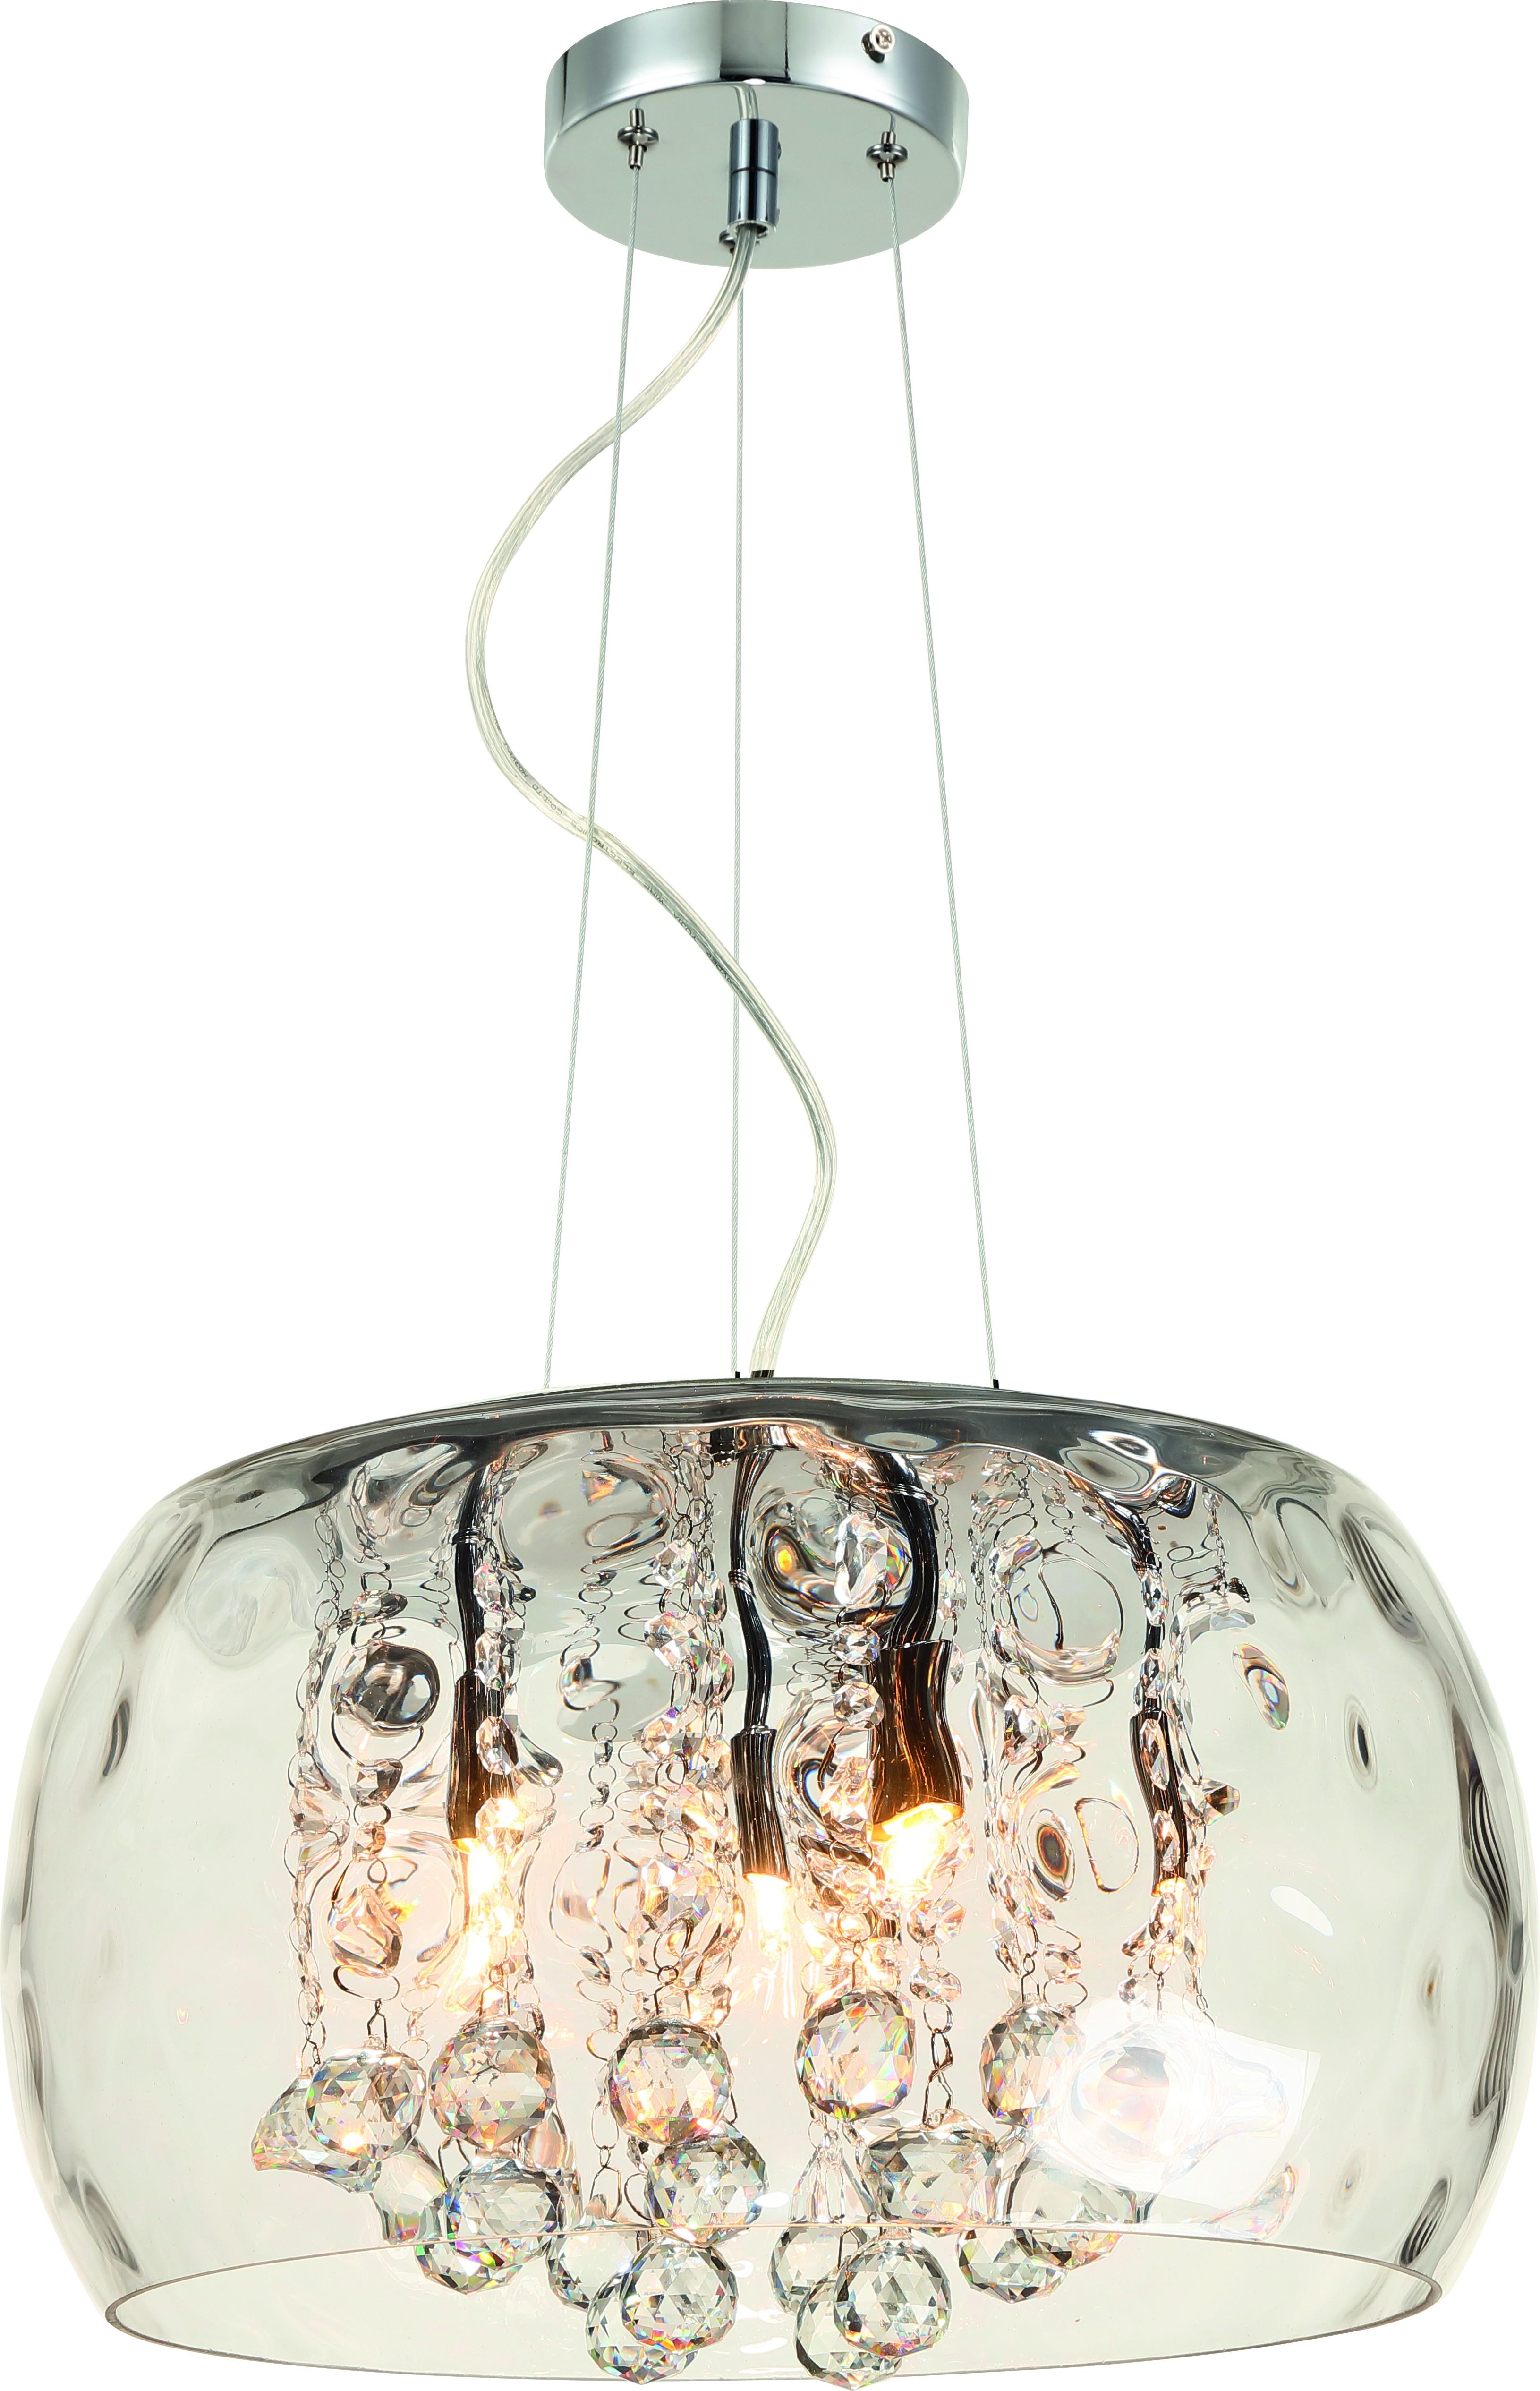 Купить Люстра Arte lamp A8146sp-6cc